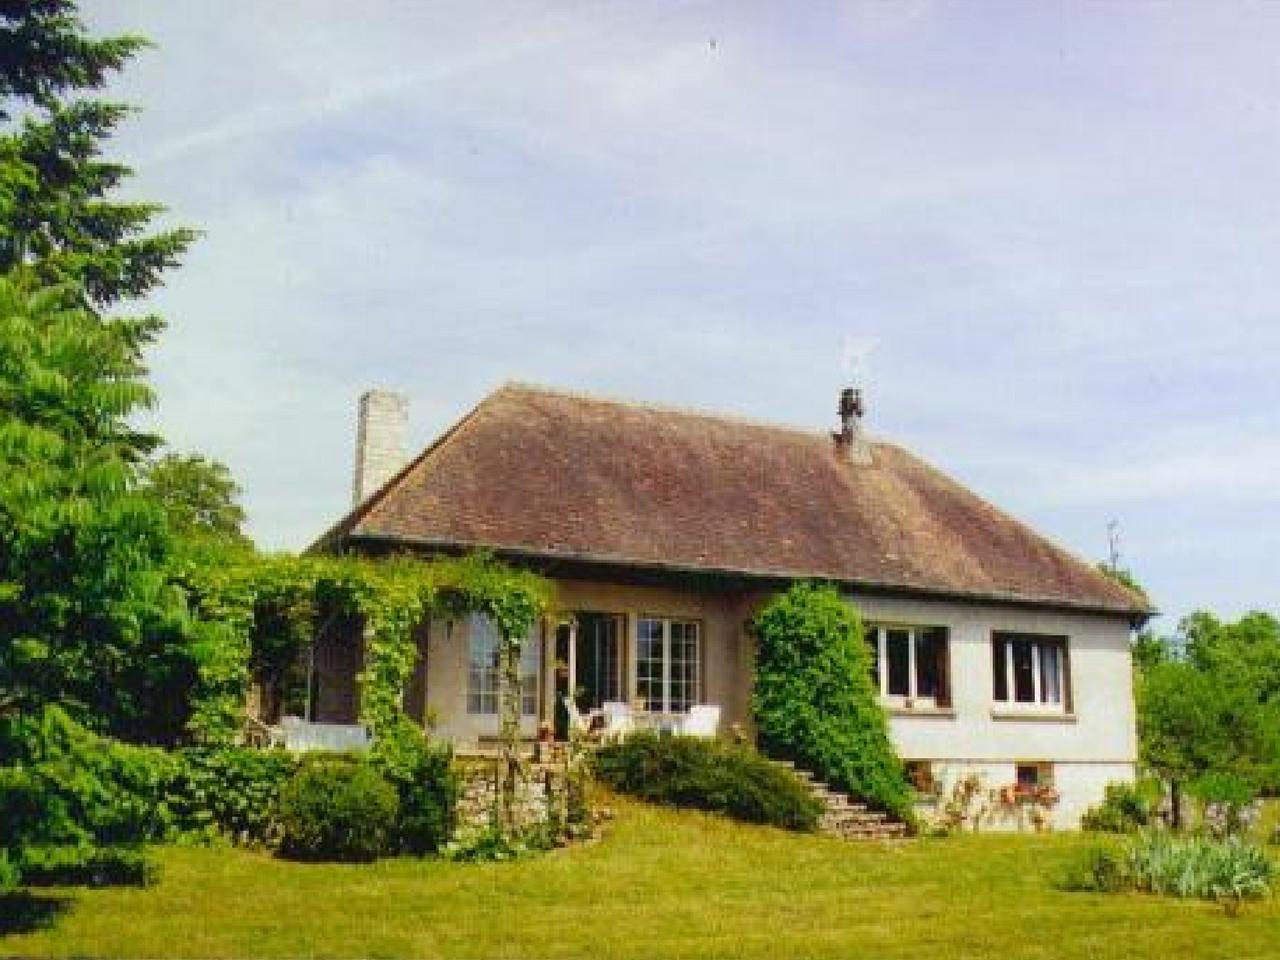 Alojamiento en francia viajar a francia - Casas de alquiler en francia ...